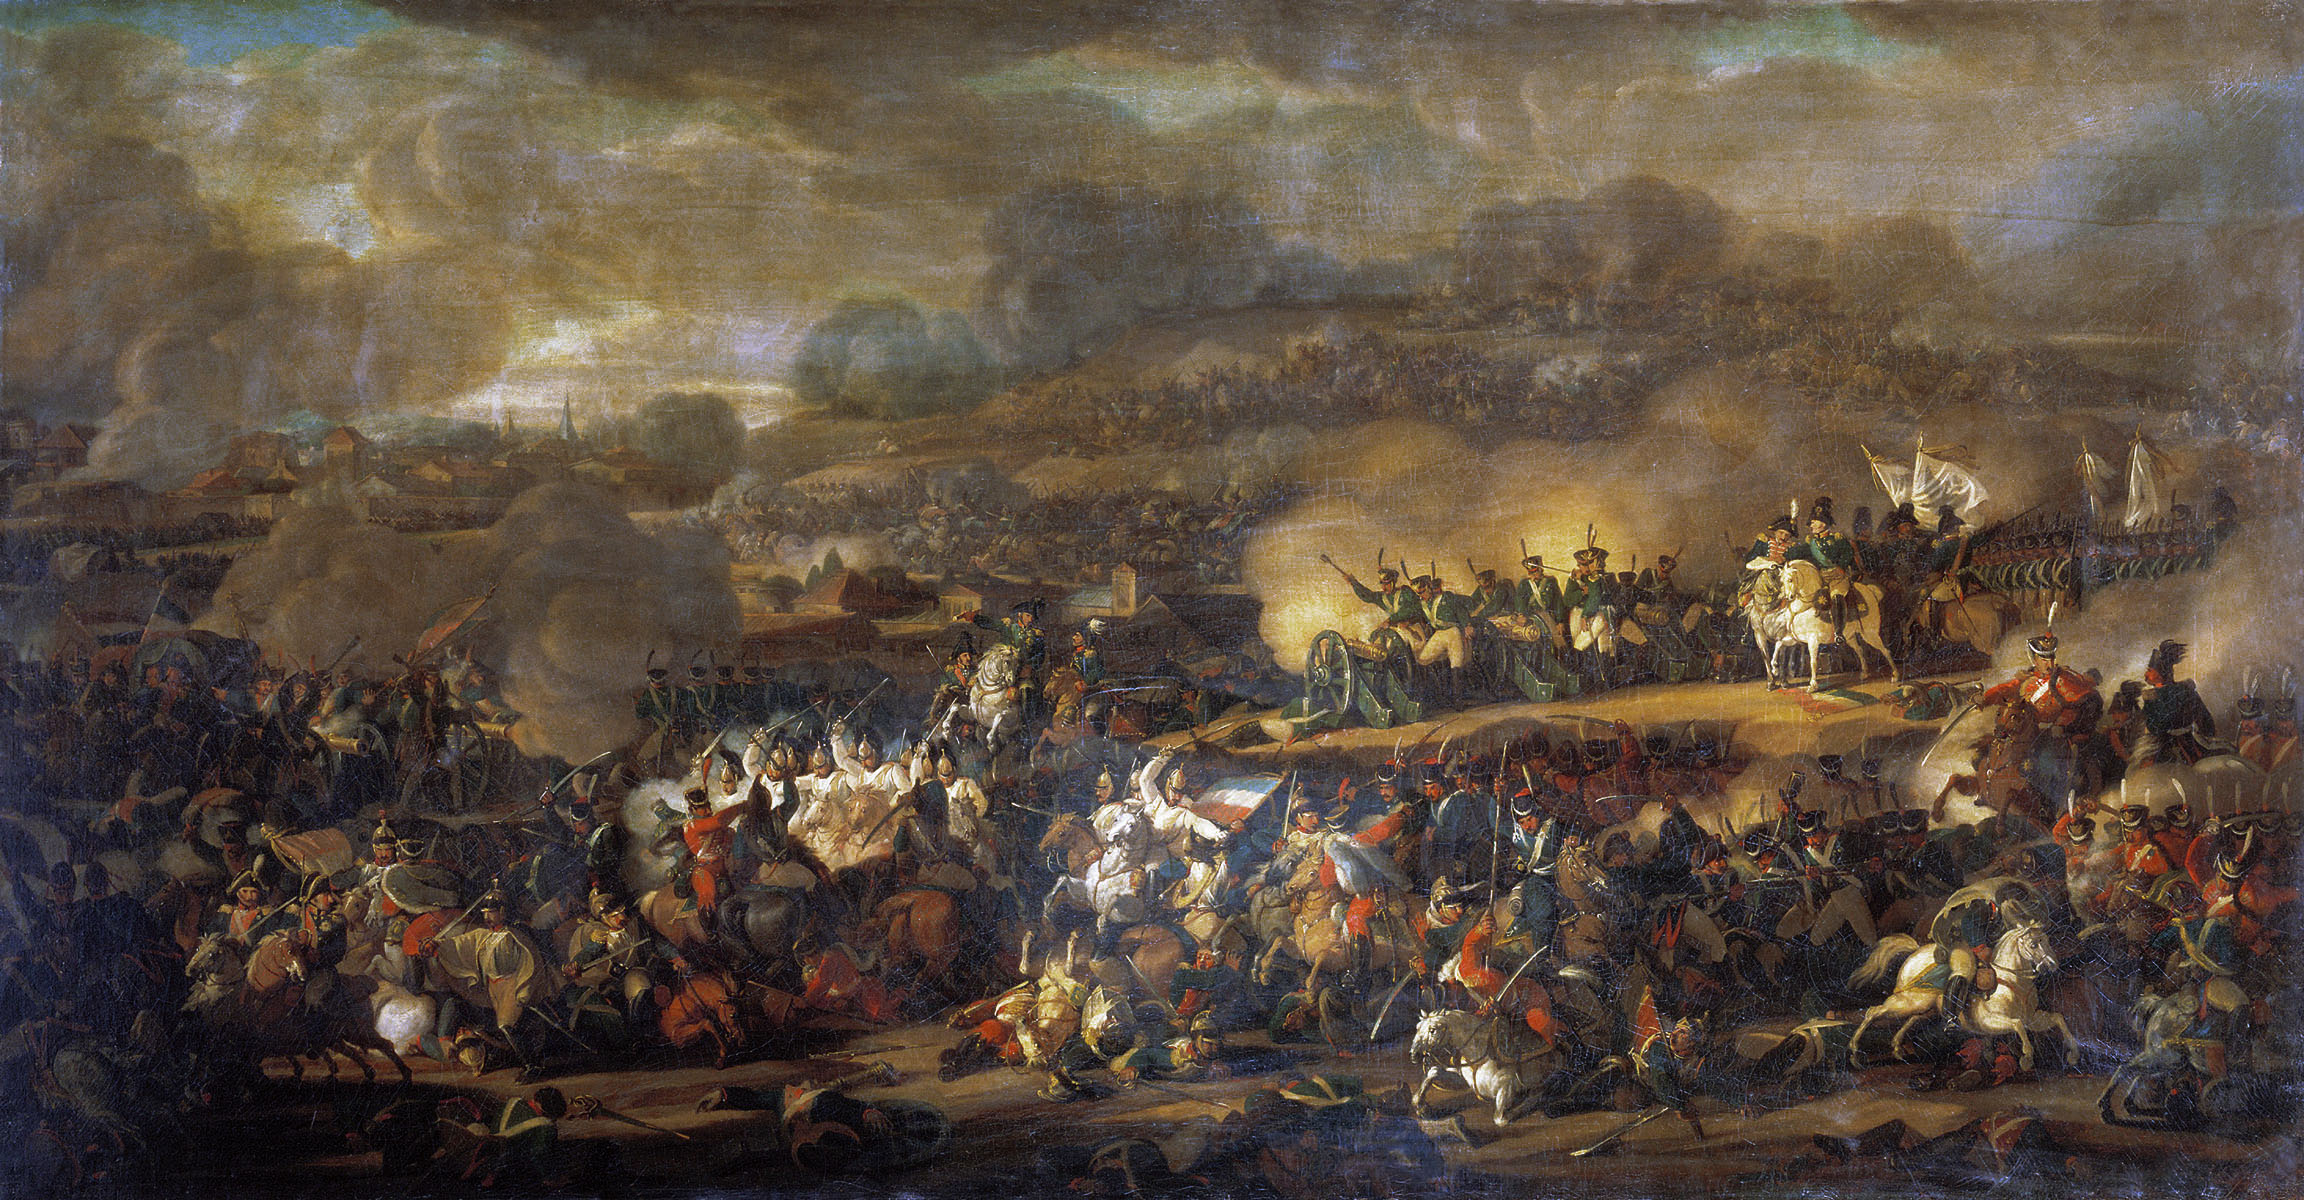 Völkerschlacht bei Leipzig, 1813, Gemälde aus dem Jahr 1815